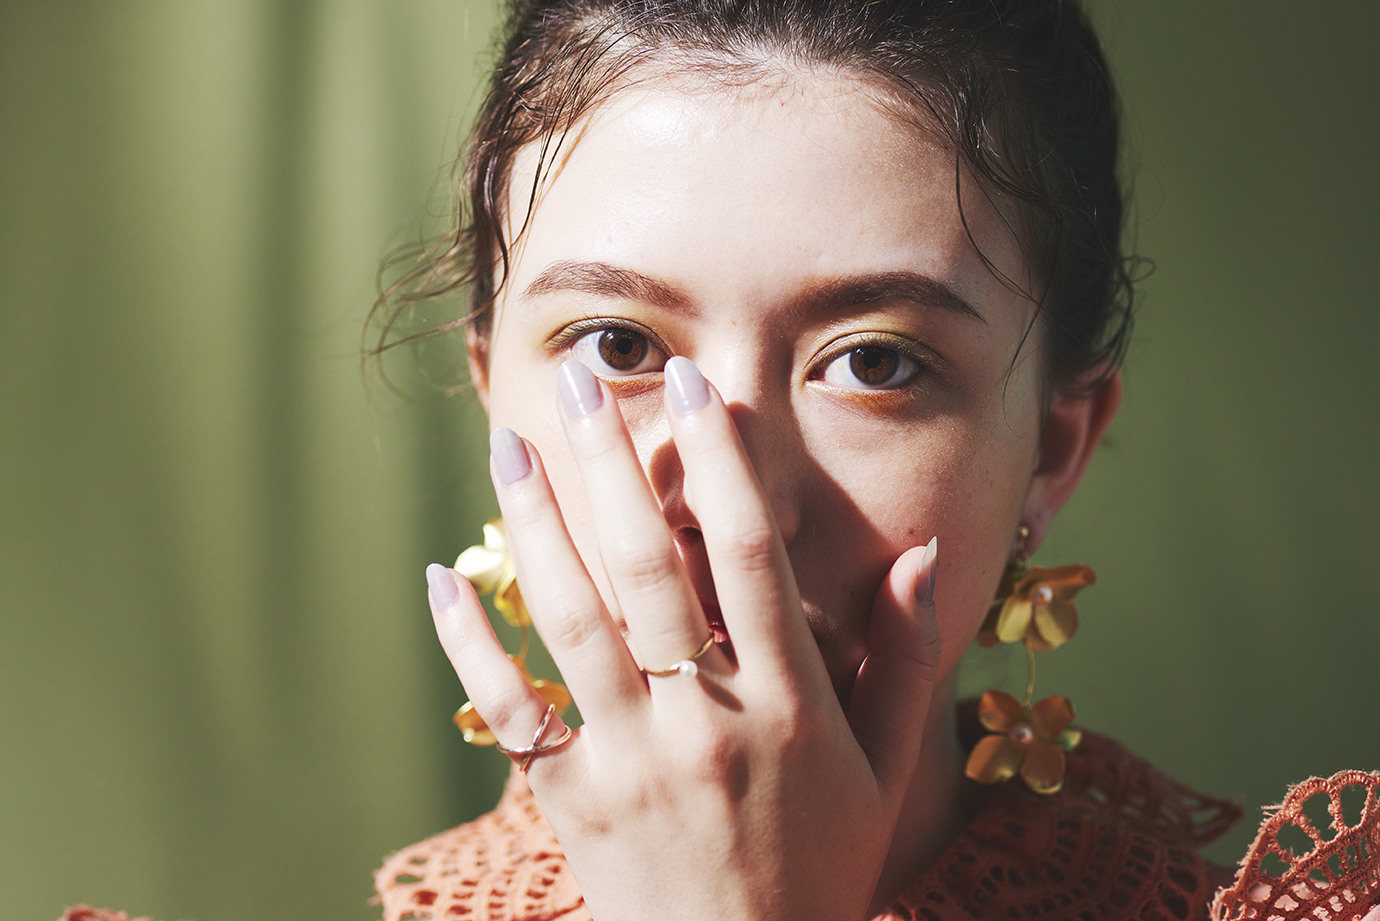 顔を手で覆っている女性